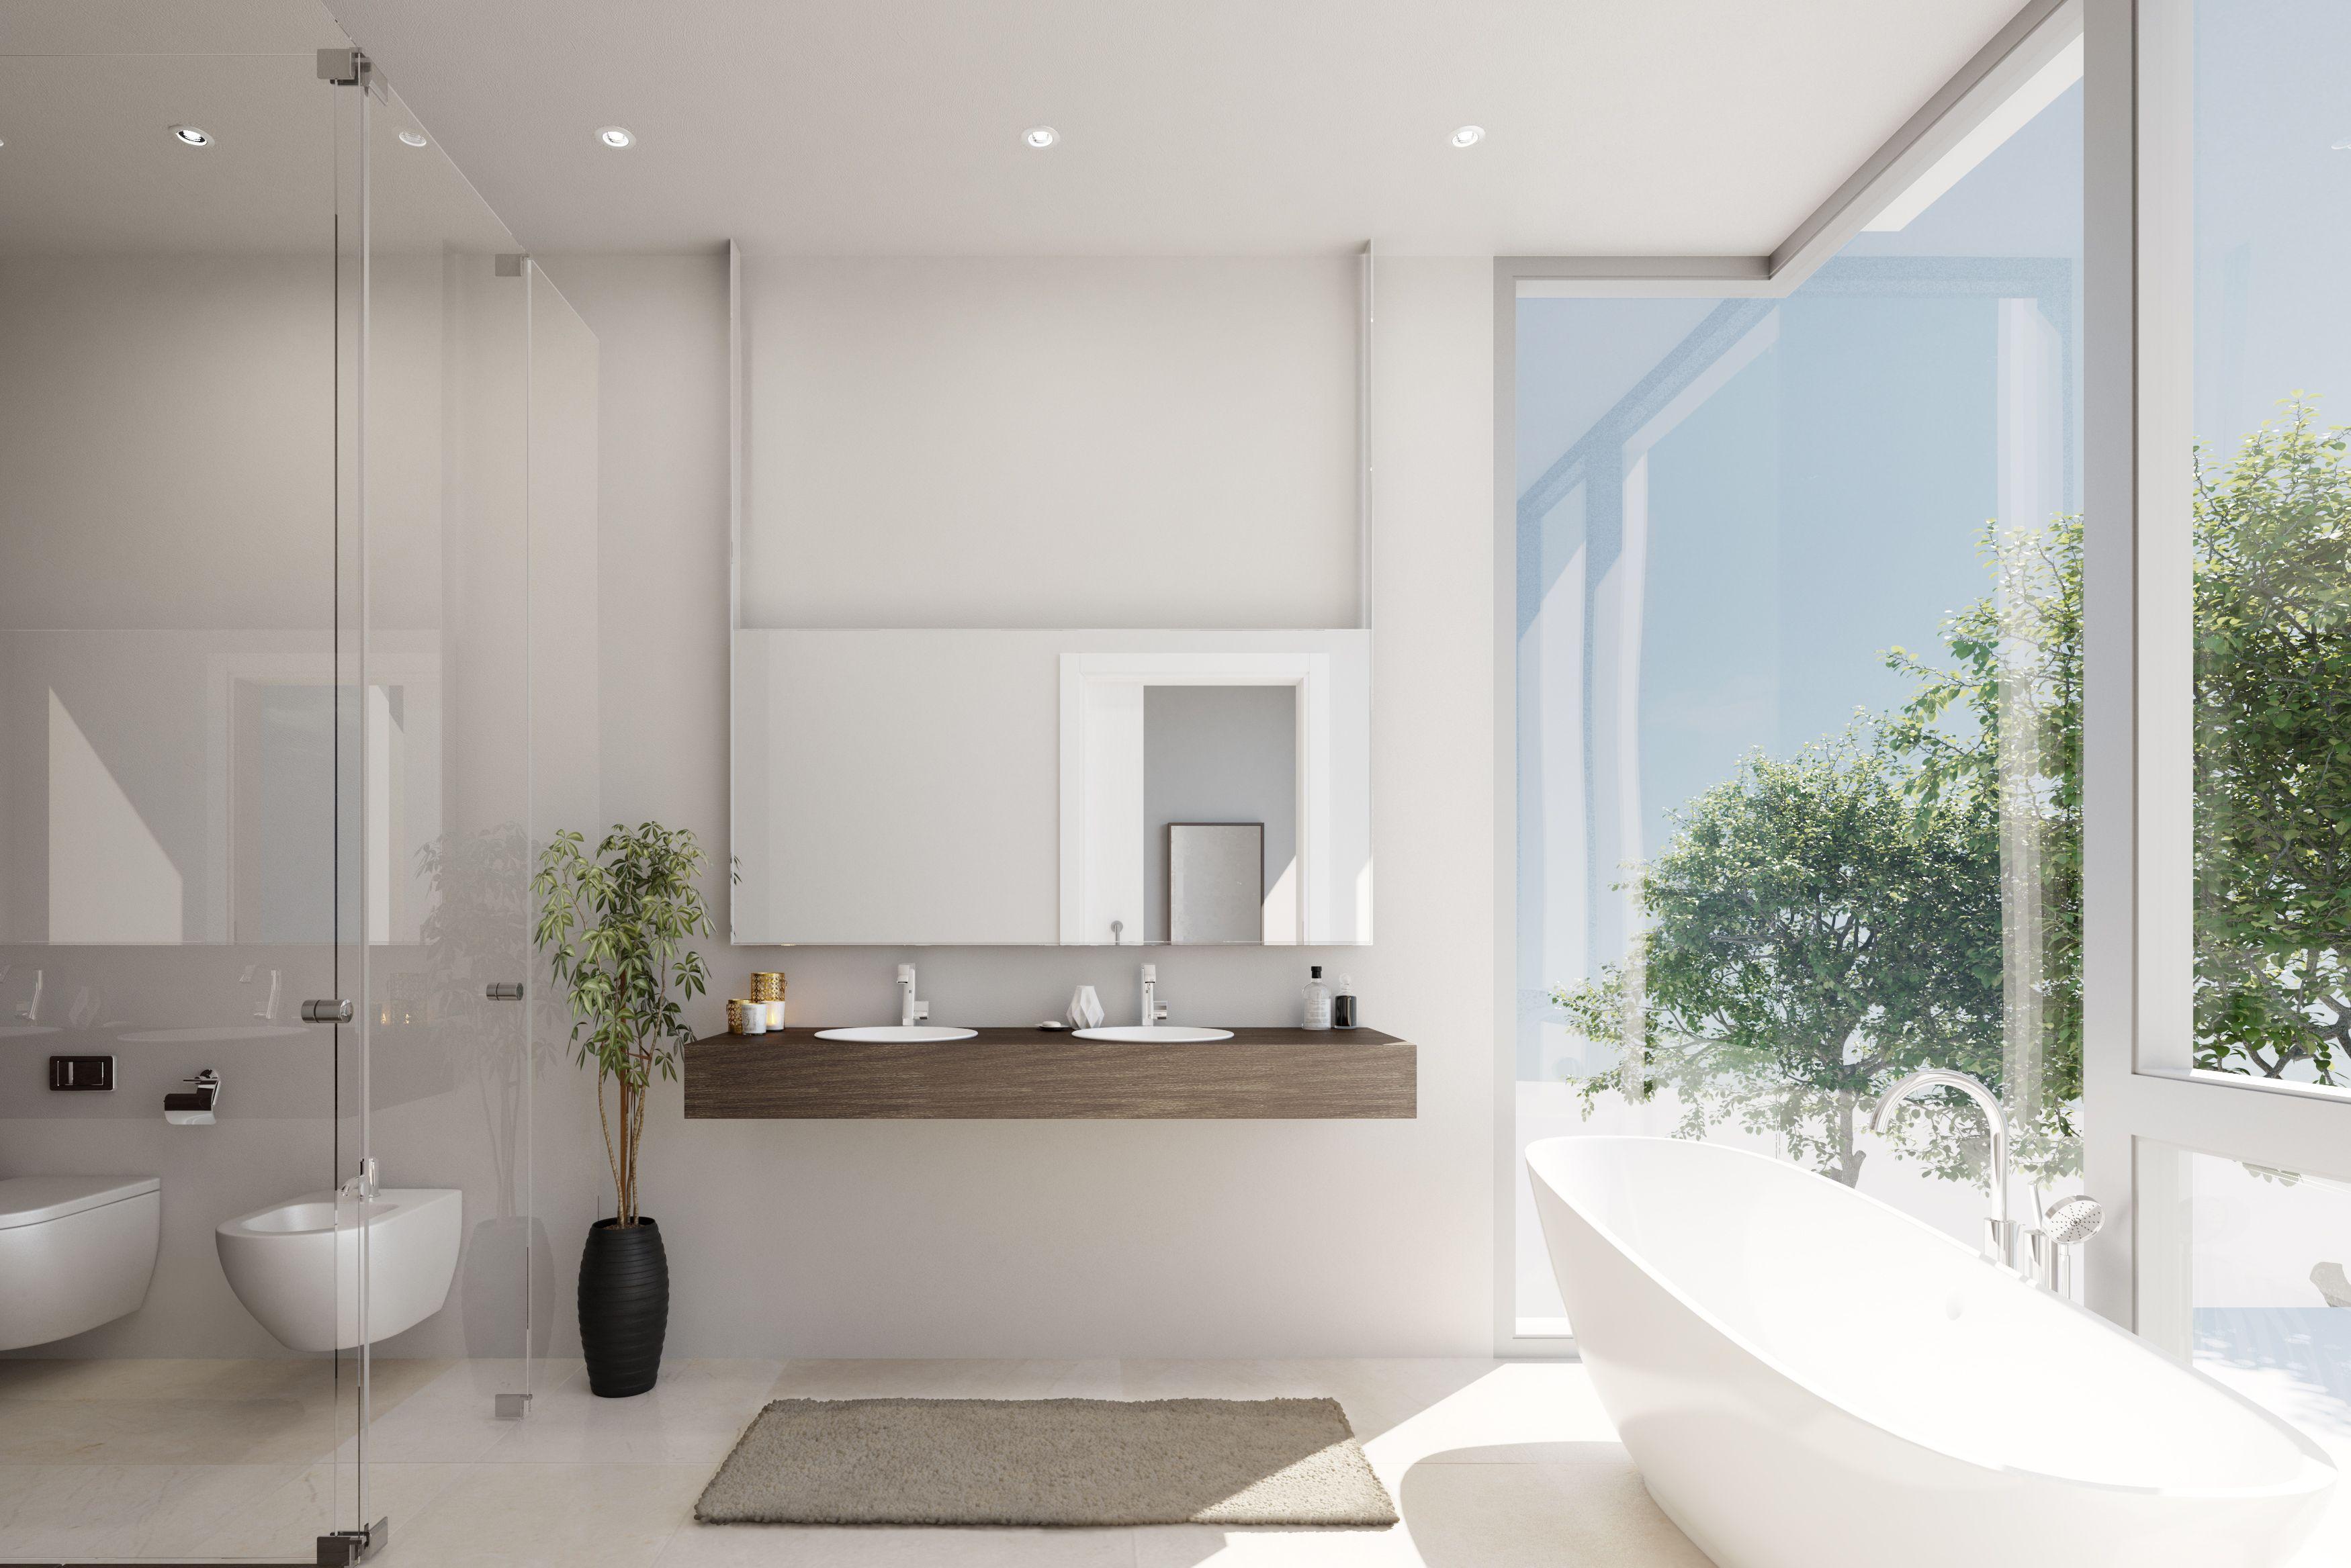 baño-diseño-interior-Villa-119-Marbella